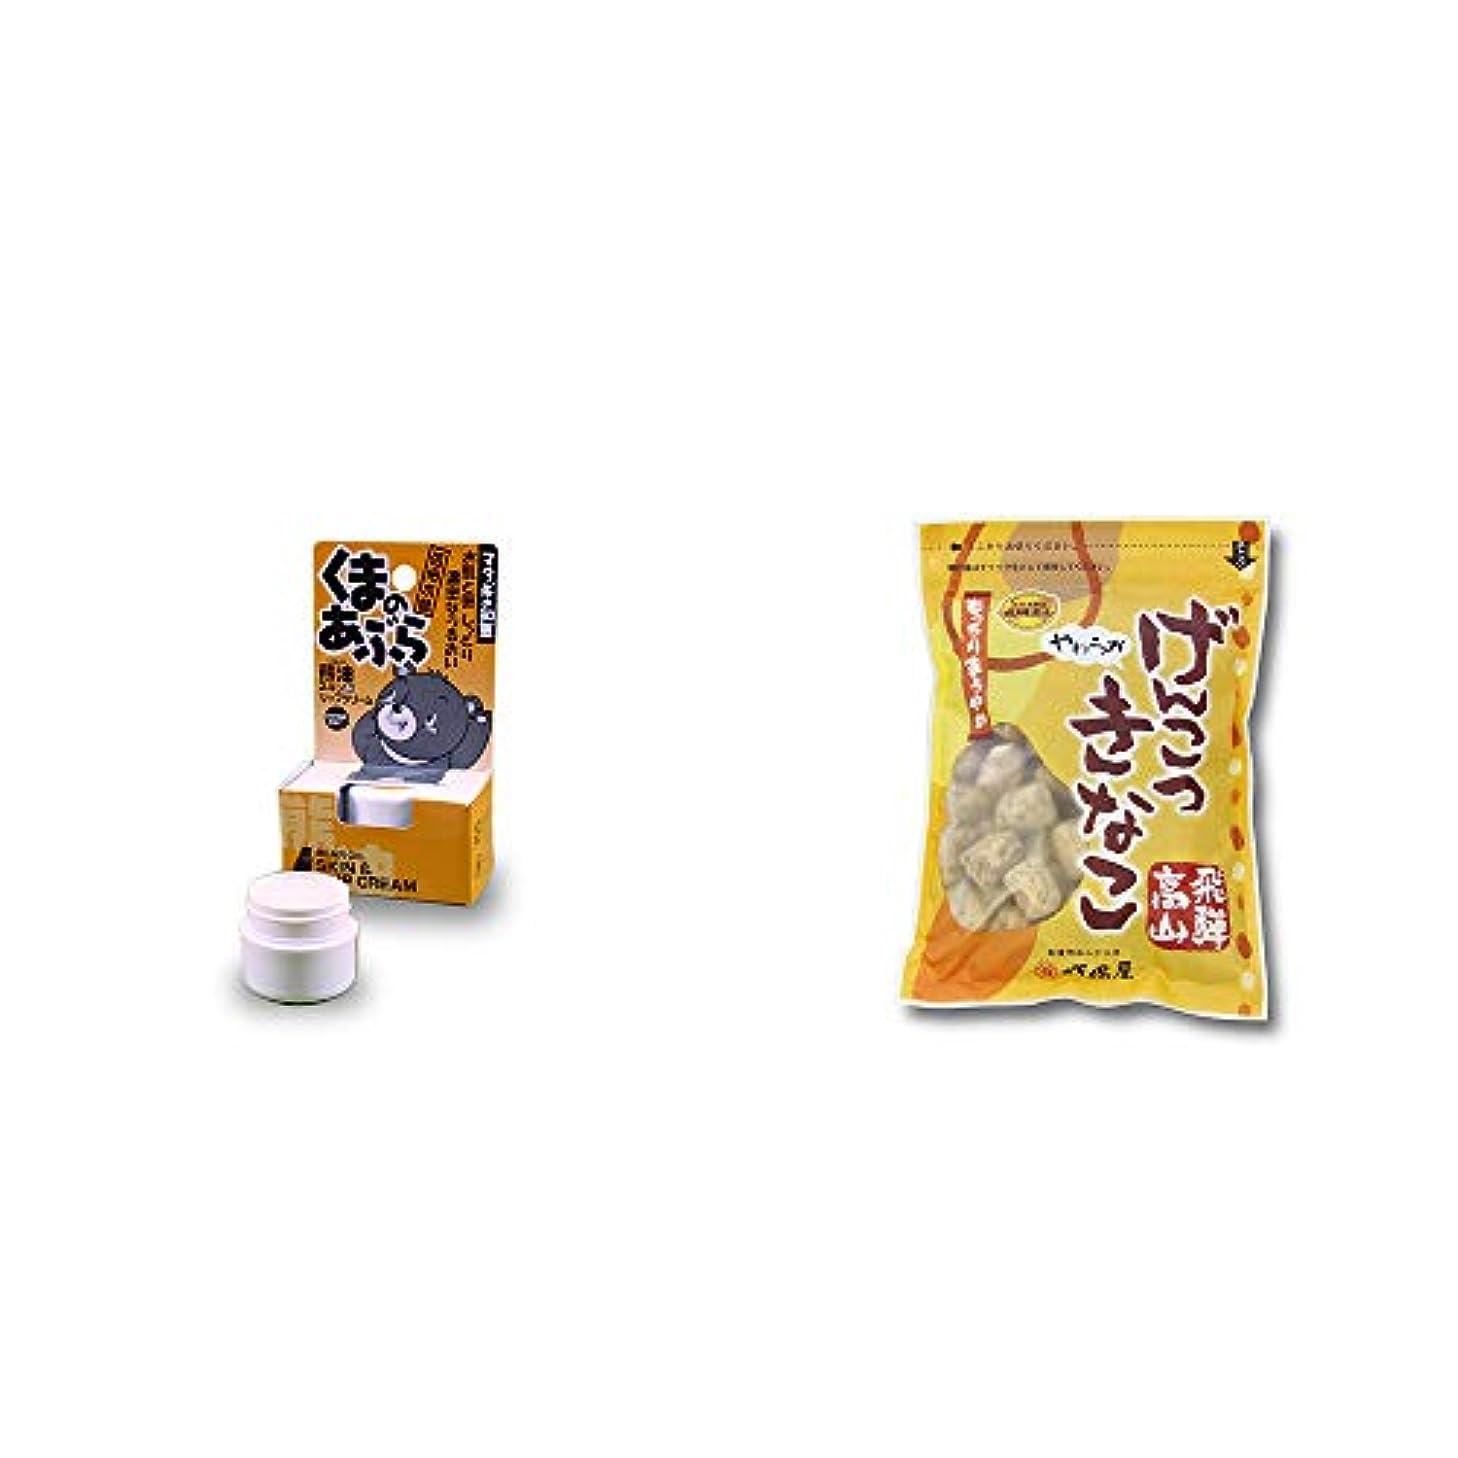 オフェンス青実験[2点セット] 信州木曽 くまのあぶら 熊油スキン&リップクリーム(9g)?飛騨 打保屋 駄菓子 黒胡麻こくせん(130g)